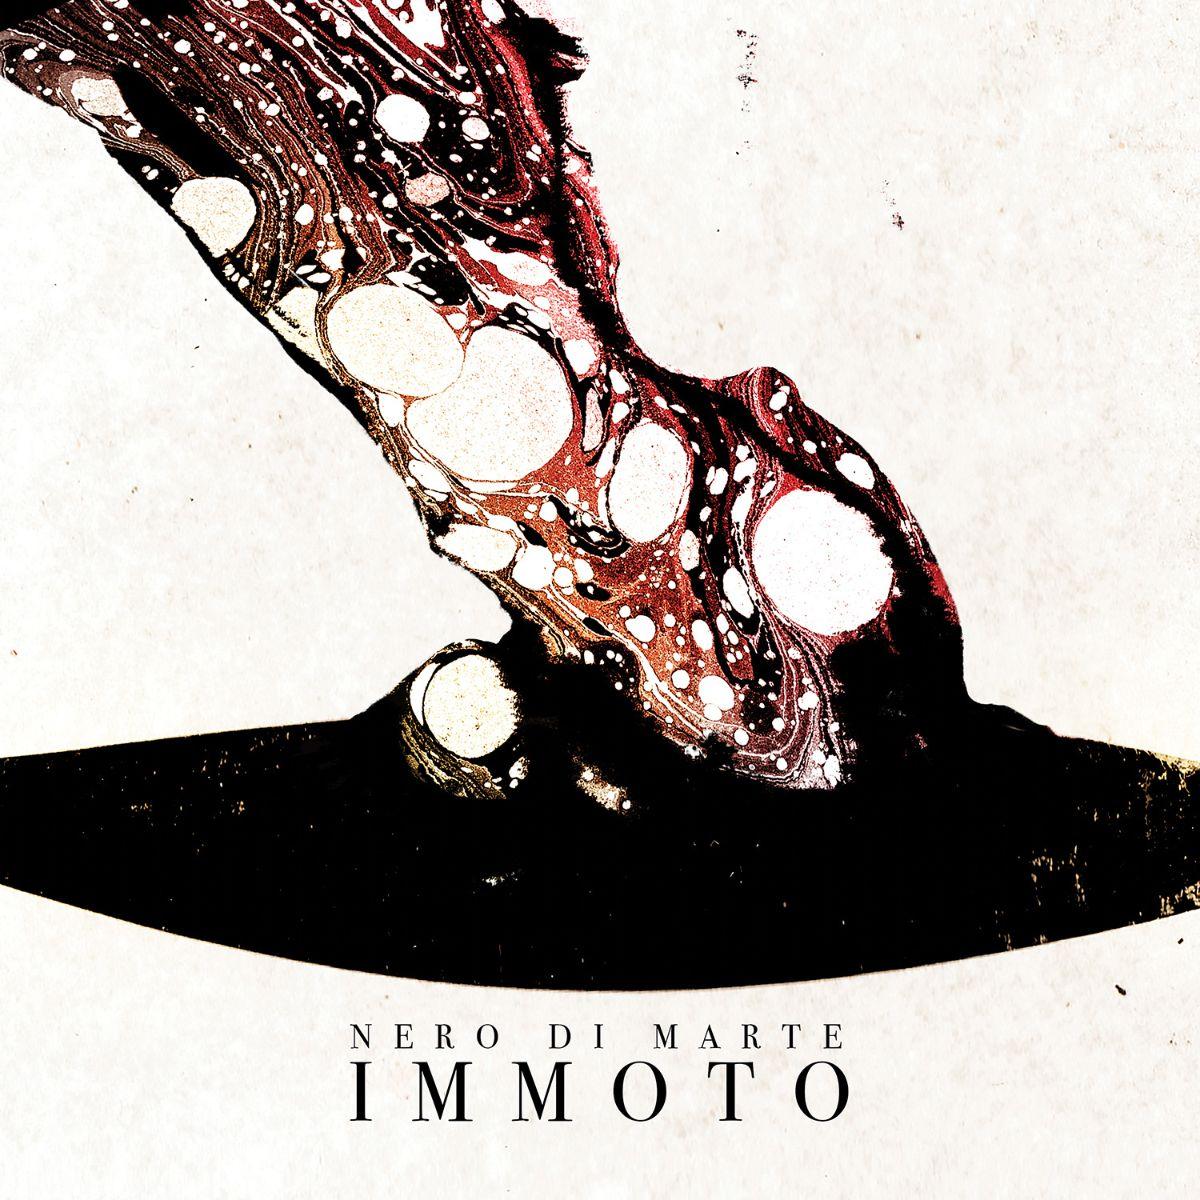 Nero_di_Marte-cover-artwork